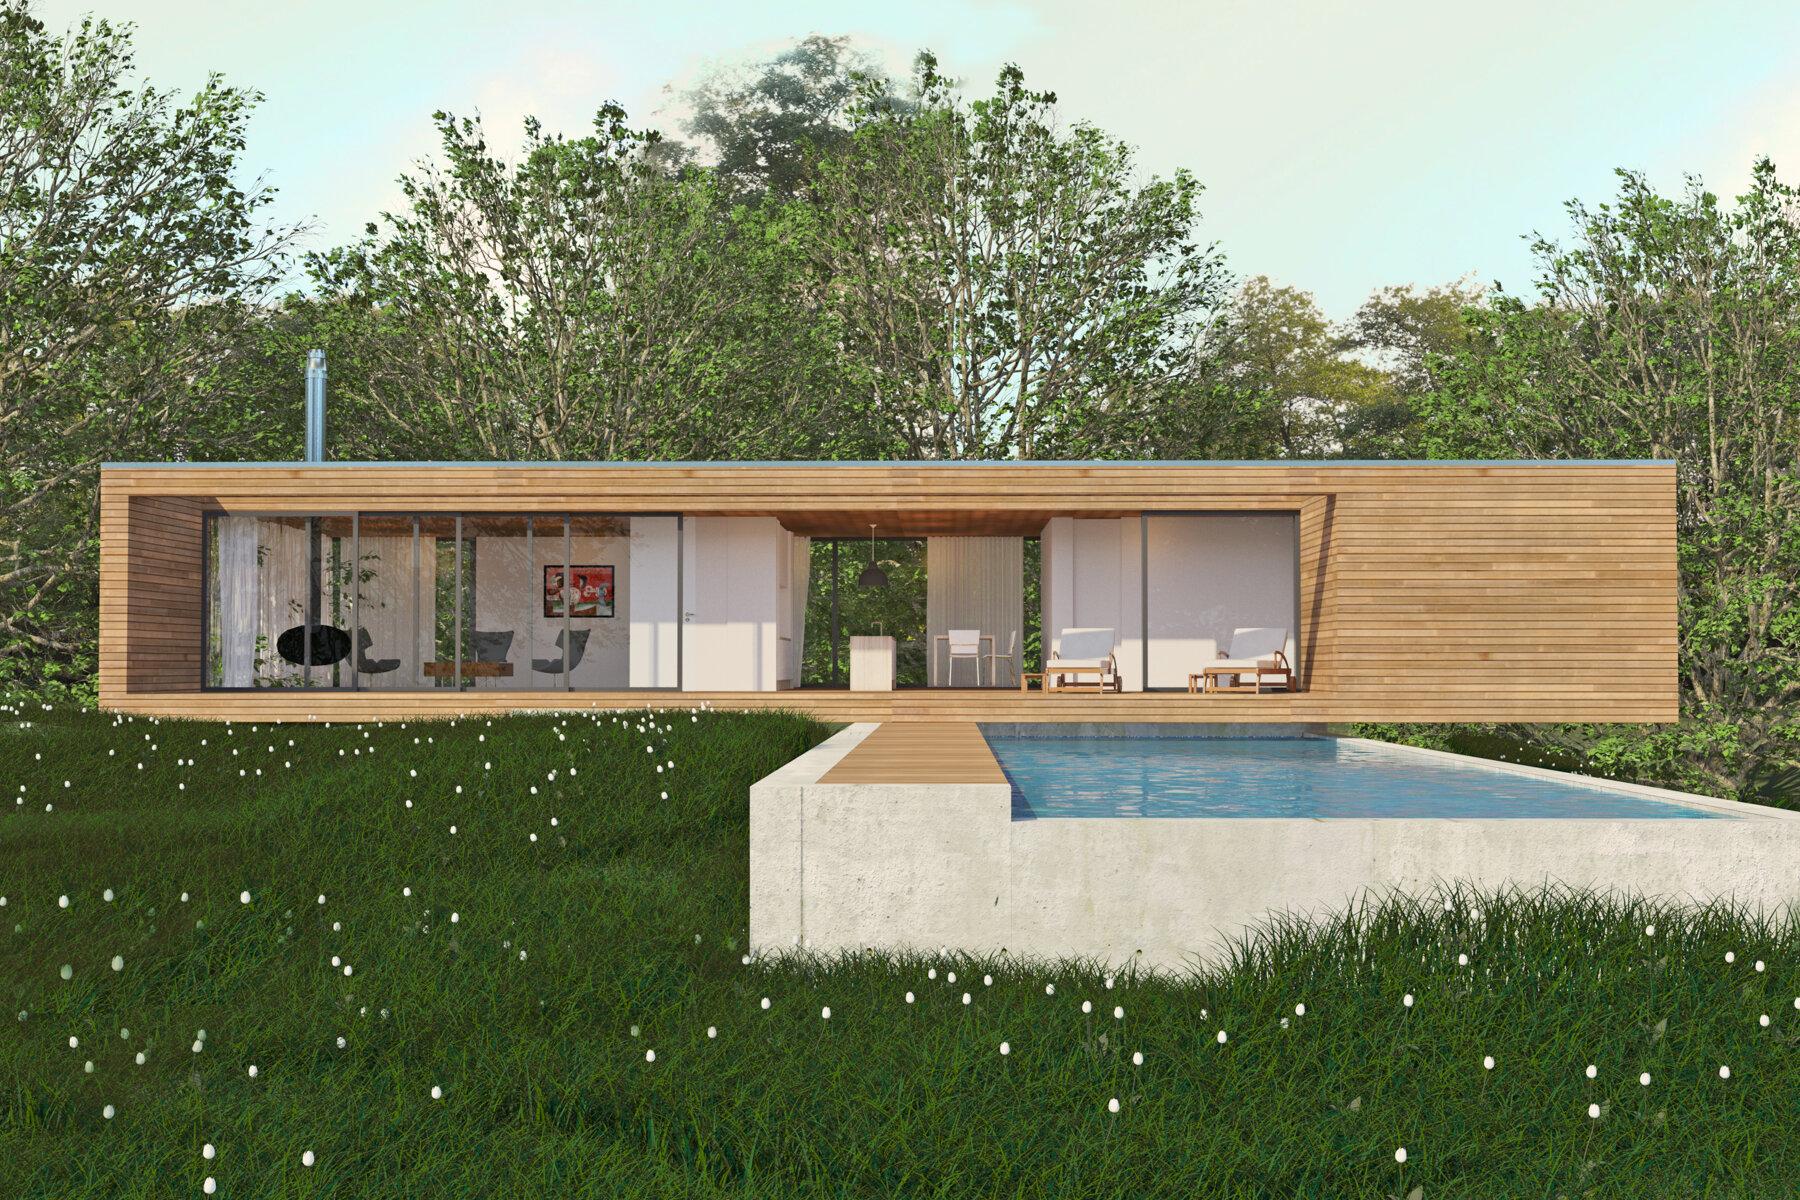 Couverture de Julien Schirck Architecte (JSA)